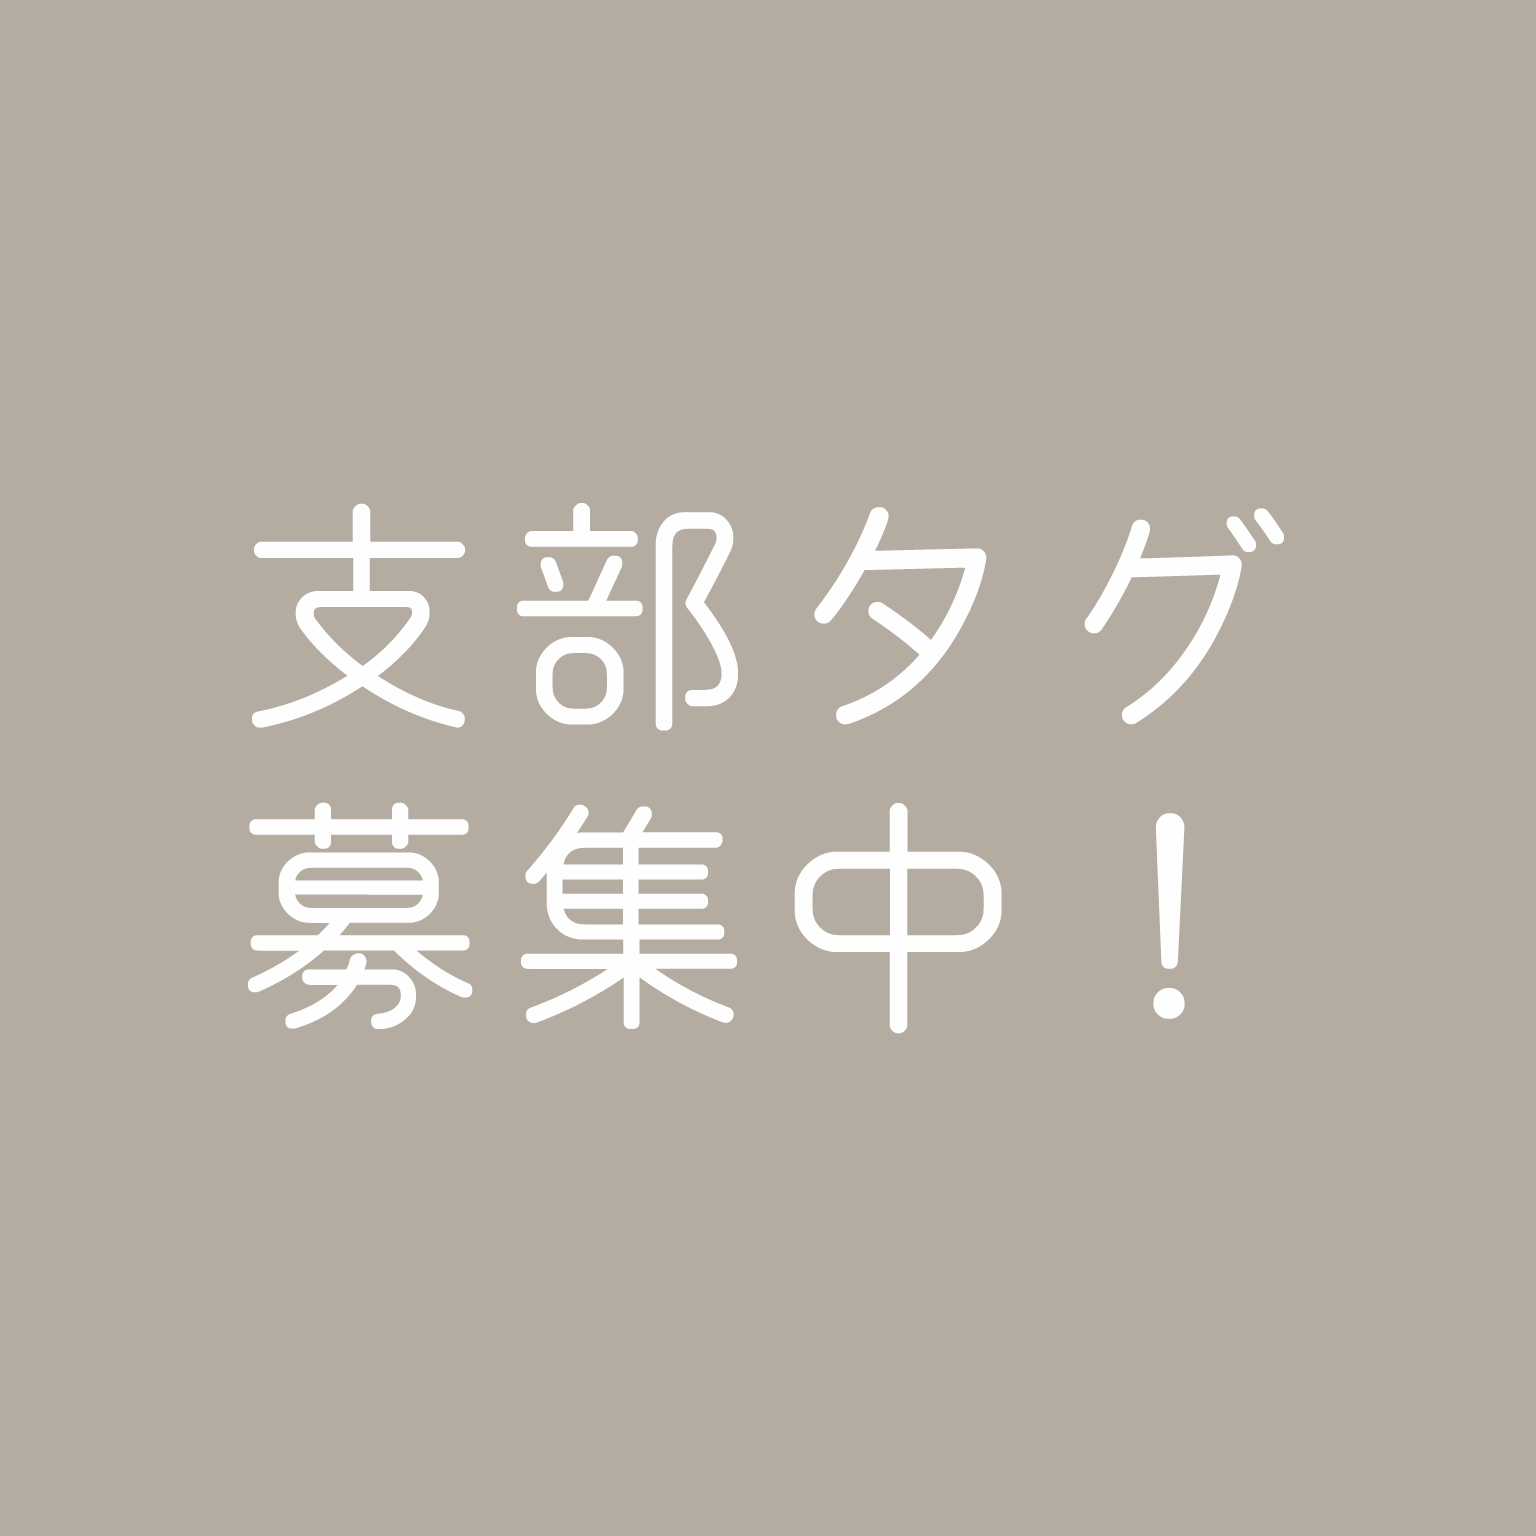 shibu_bosyu_2